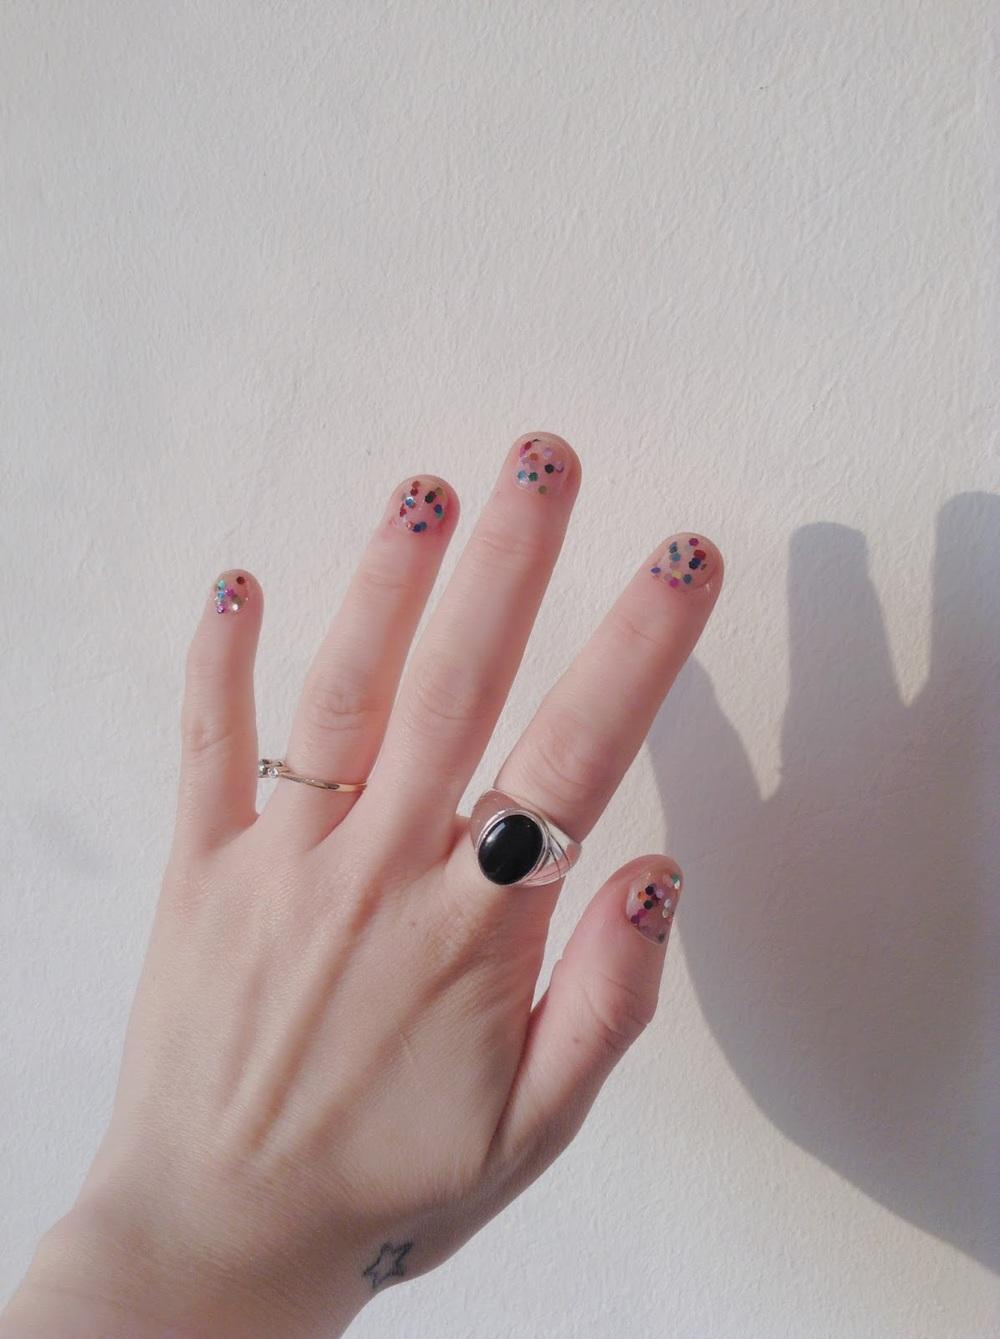 galaxy nail polish american apparel femmenism